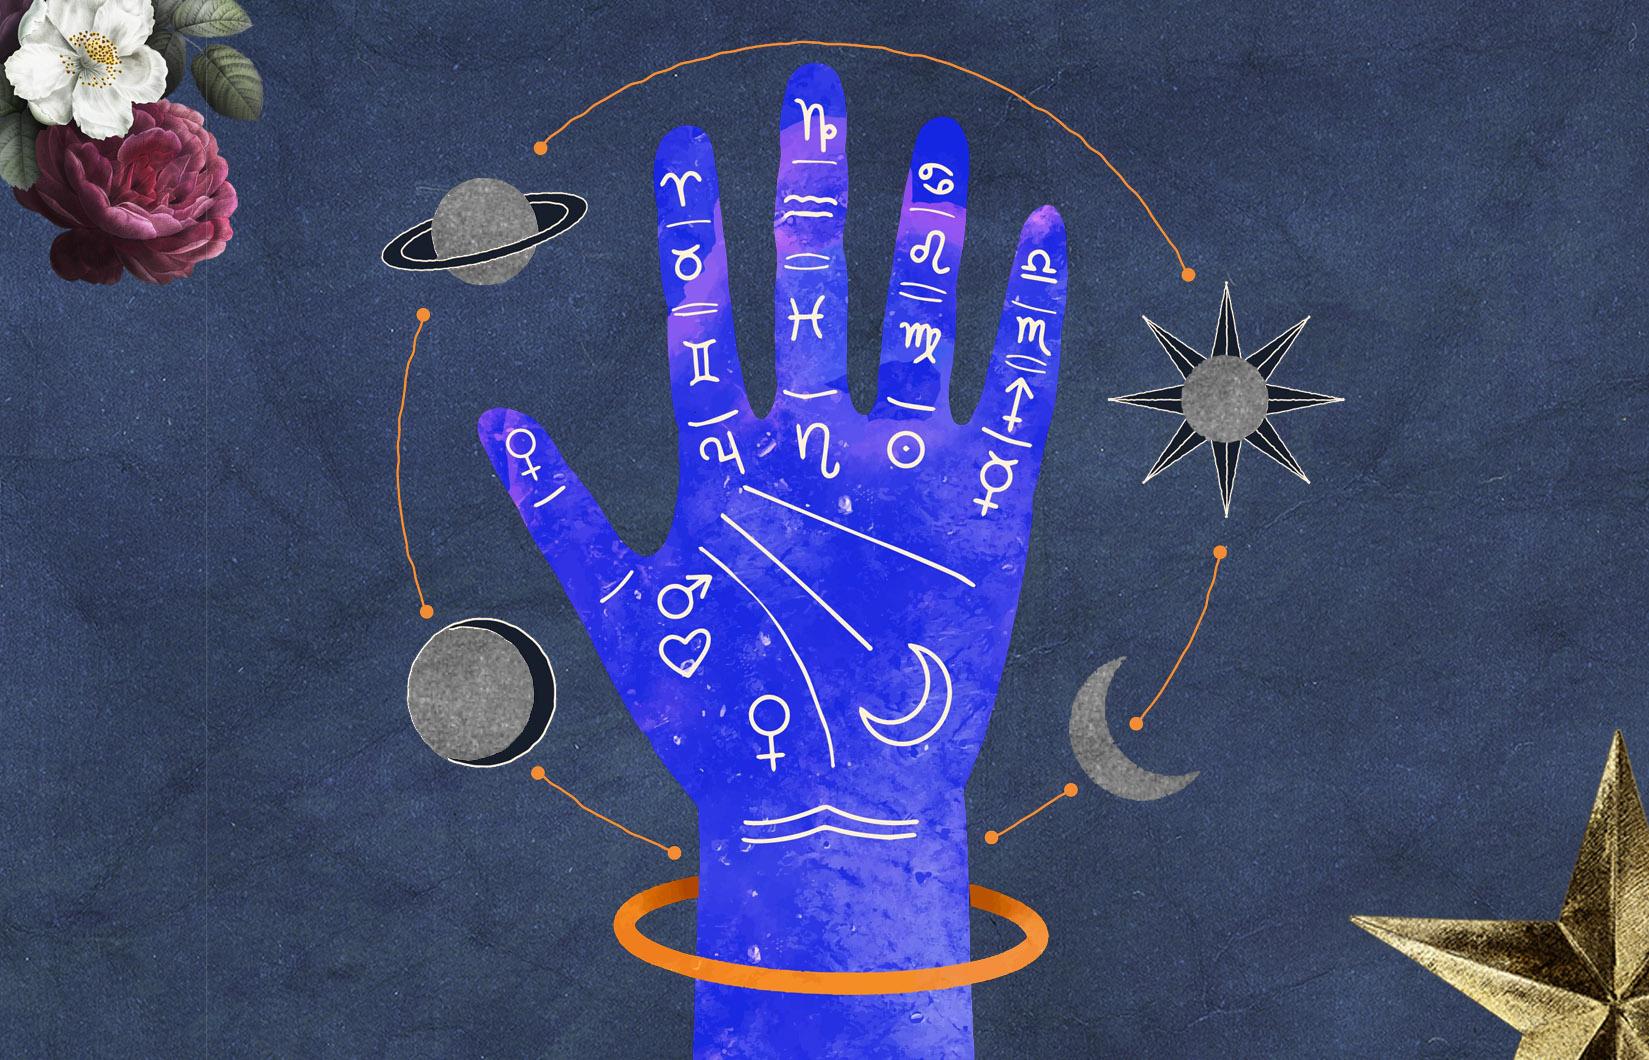 Horóscopo de 14 a 20 de setembro: deixe o que é tóxico para lá! Lua Nova em Virgem impulsiona ciclos equilibrados